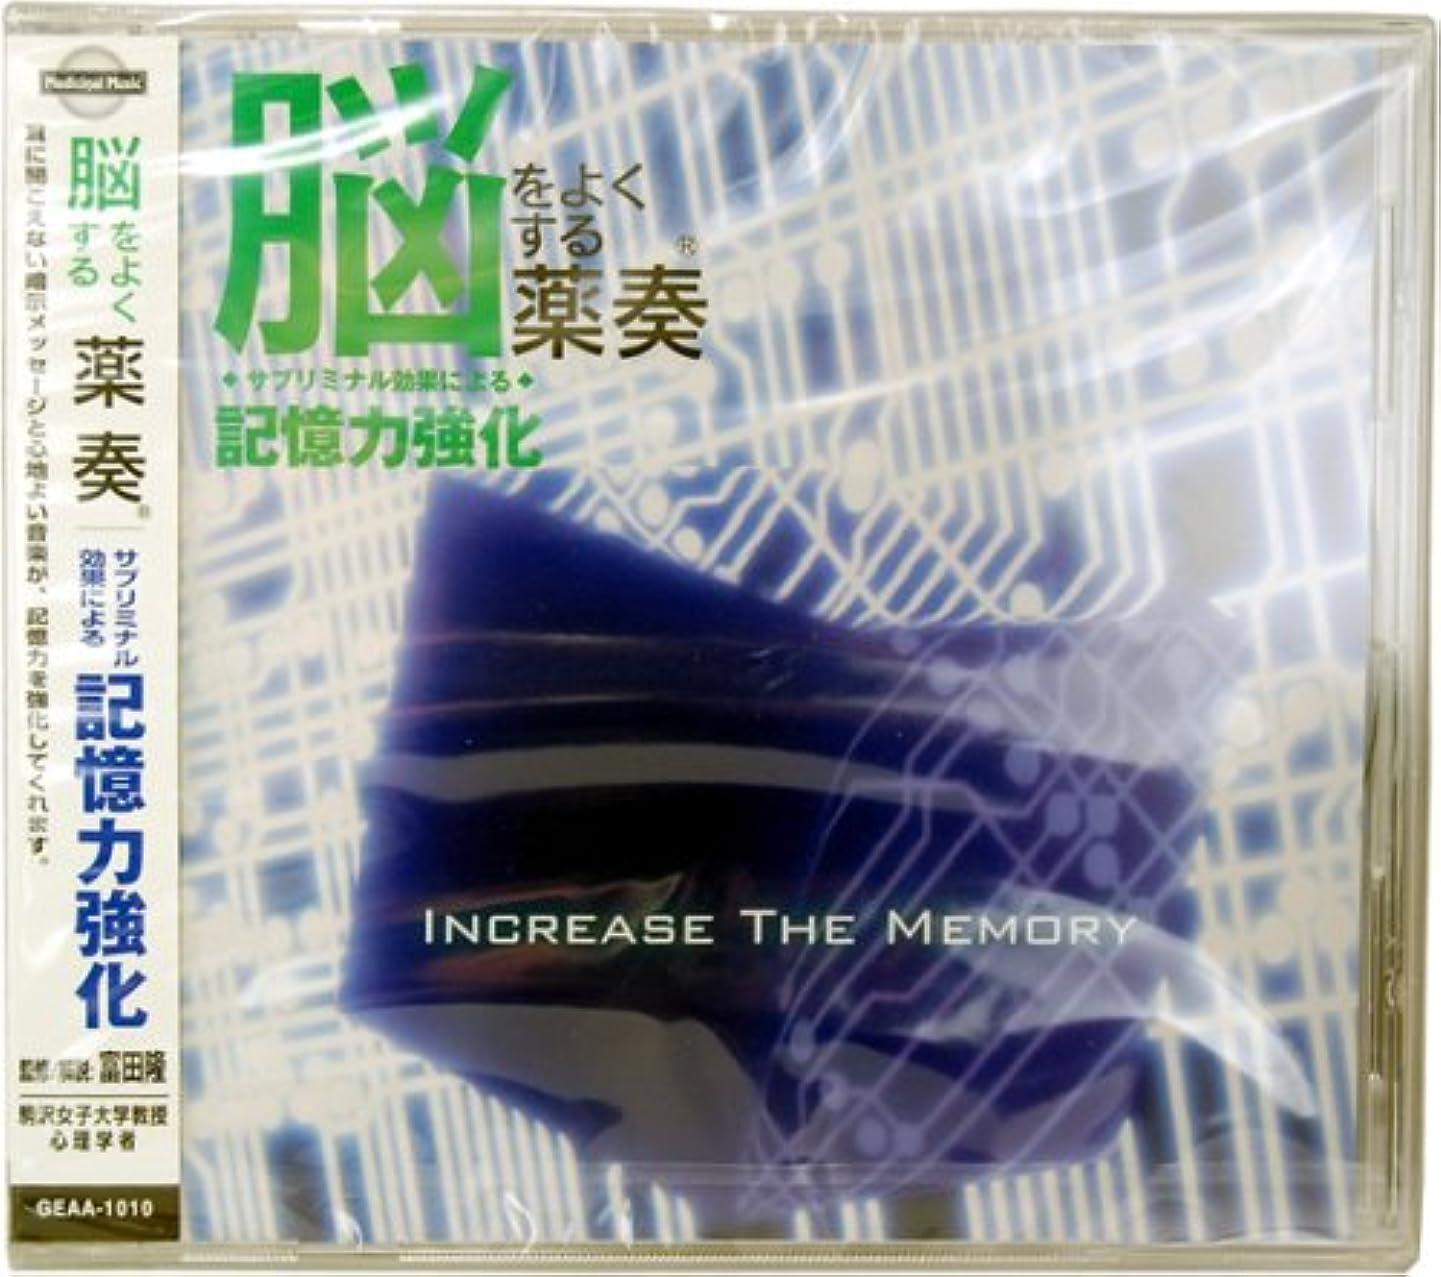 味方グリップシティ薬奏CD 記憶力強化